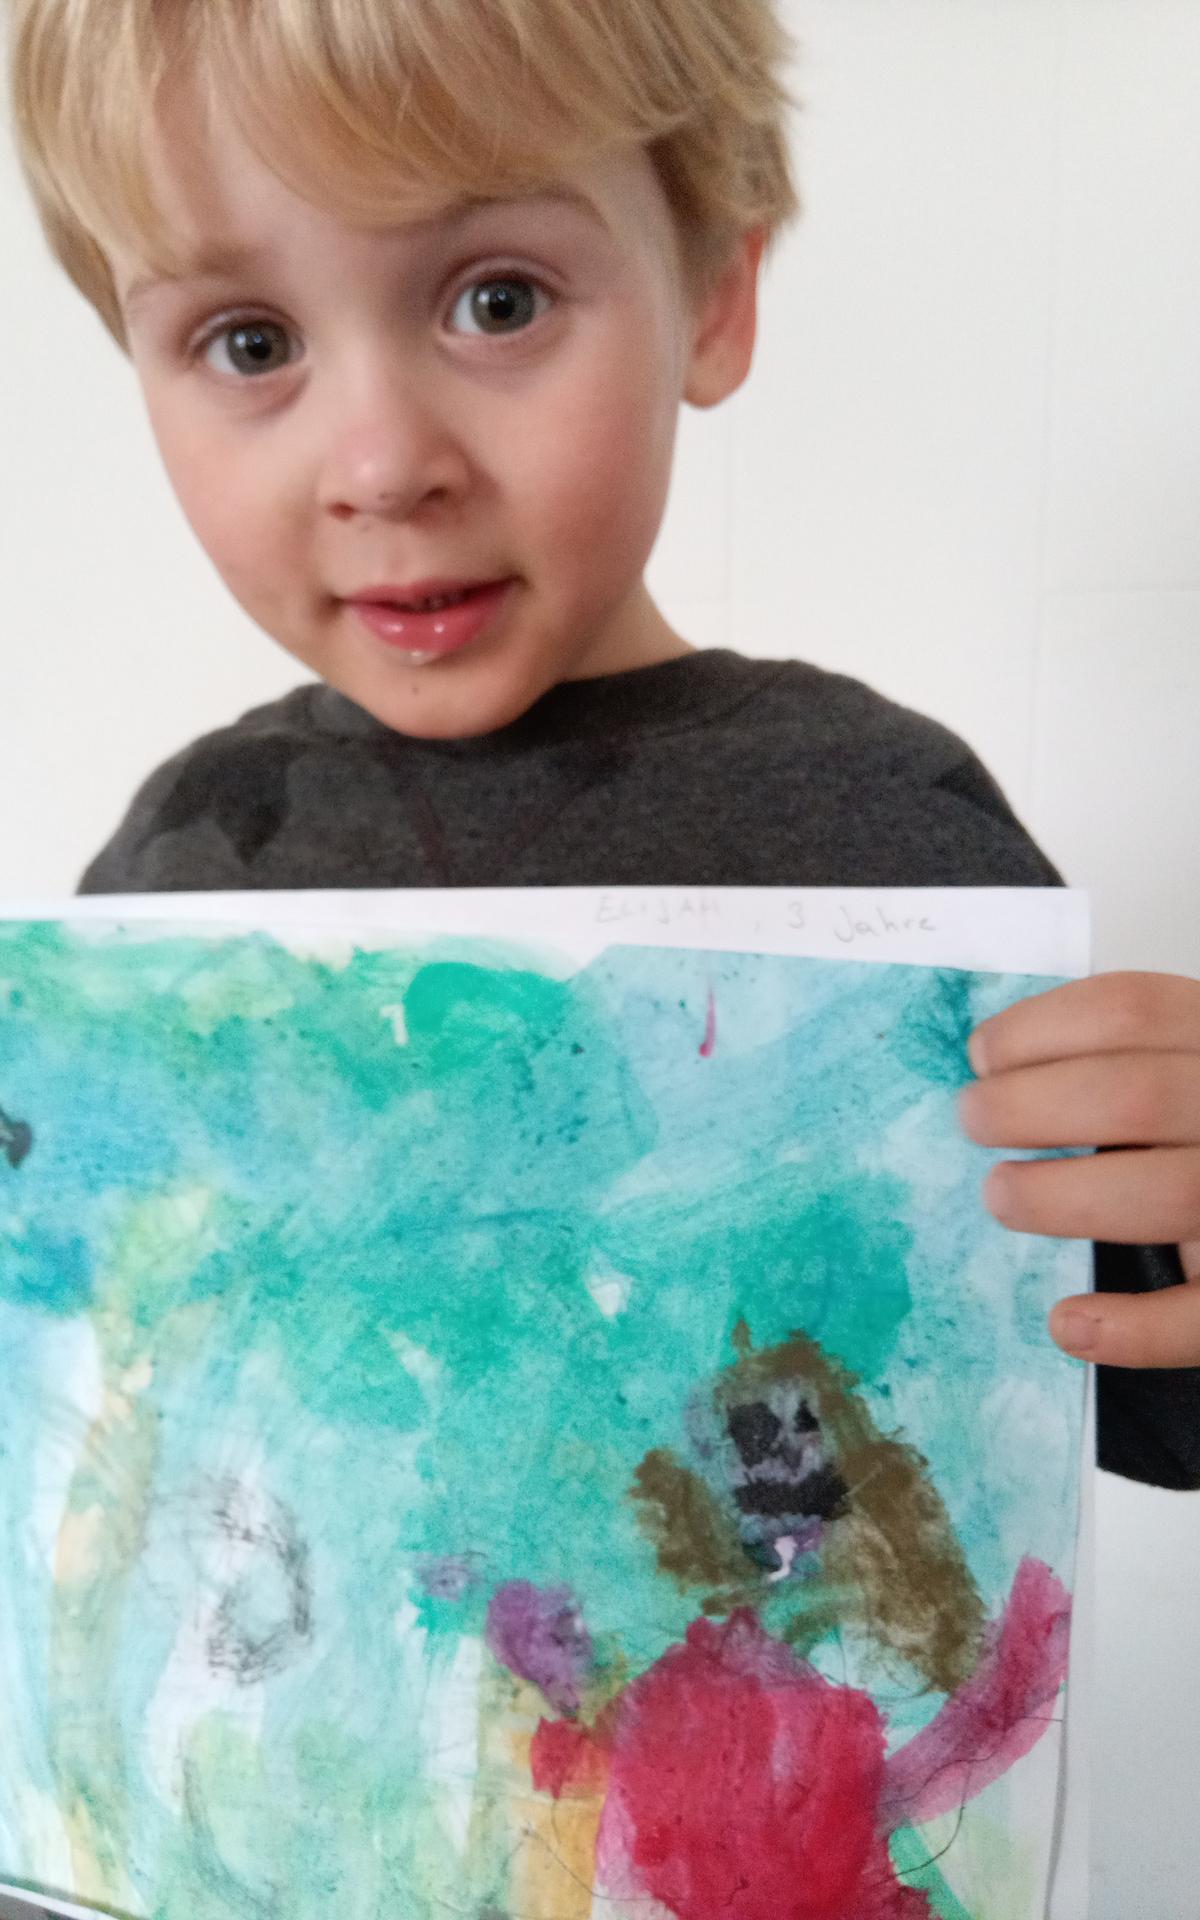 Der dreijährige Elijah präsentiert sein kleines Kunstwerk